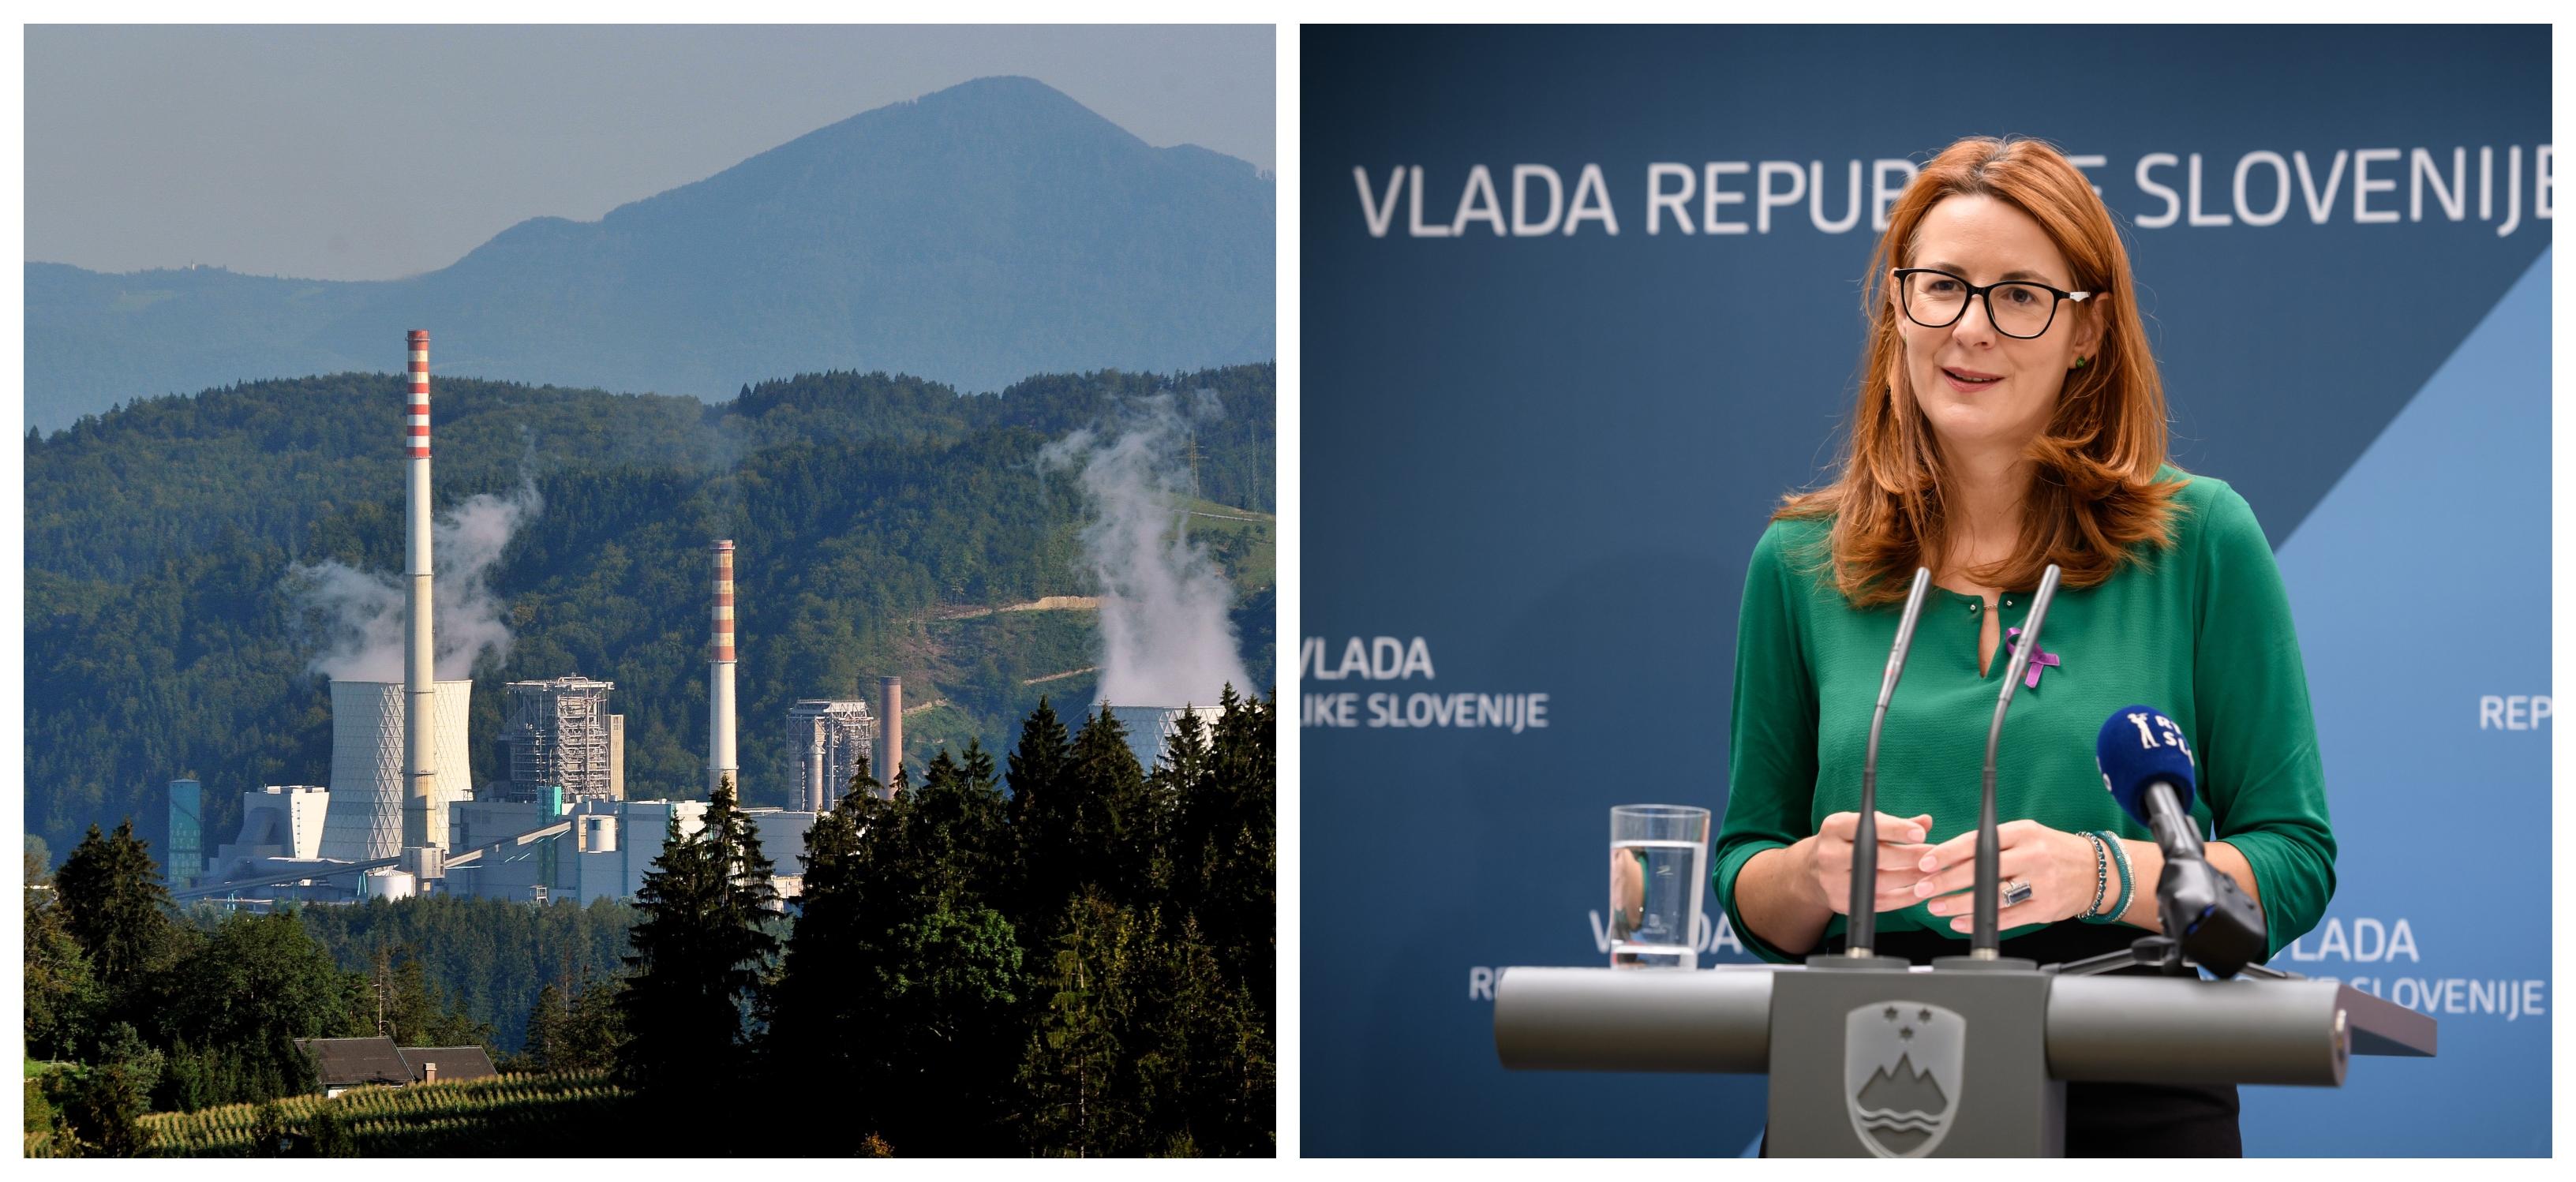 Sporni, škodljivi okoljski TEŠ 6 in aktualna pravosodna ministrica in dolgoletna vplivna članica t.i. Šaleškega lobija Andreja Katič (Foto: STA)